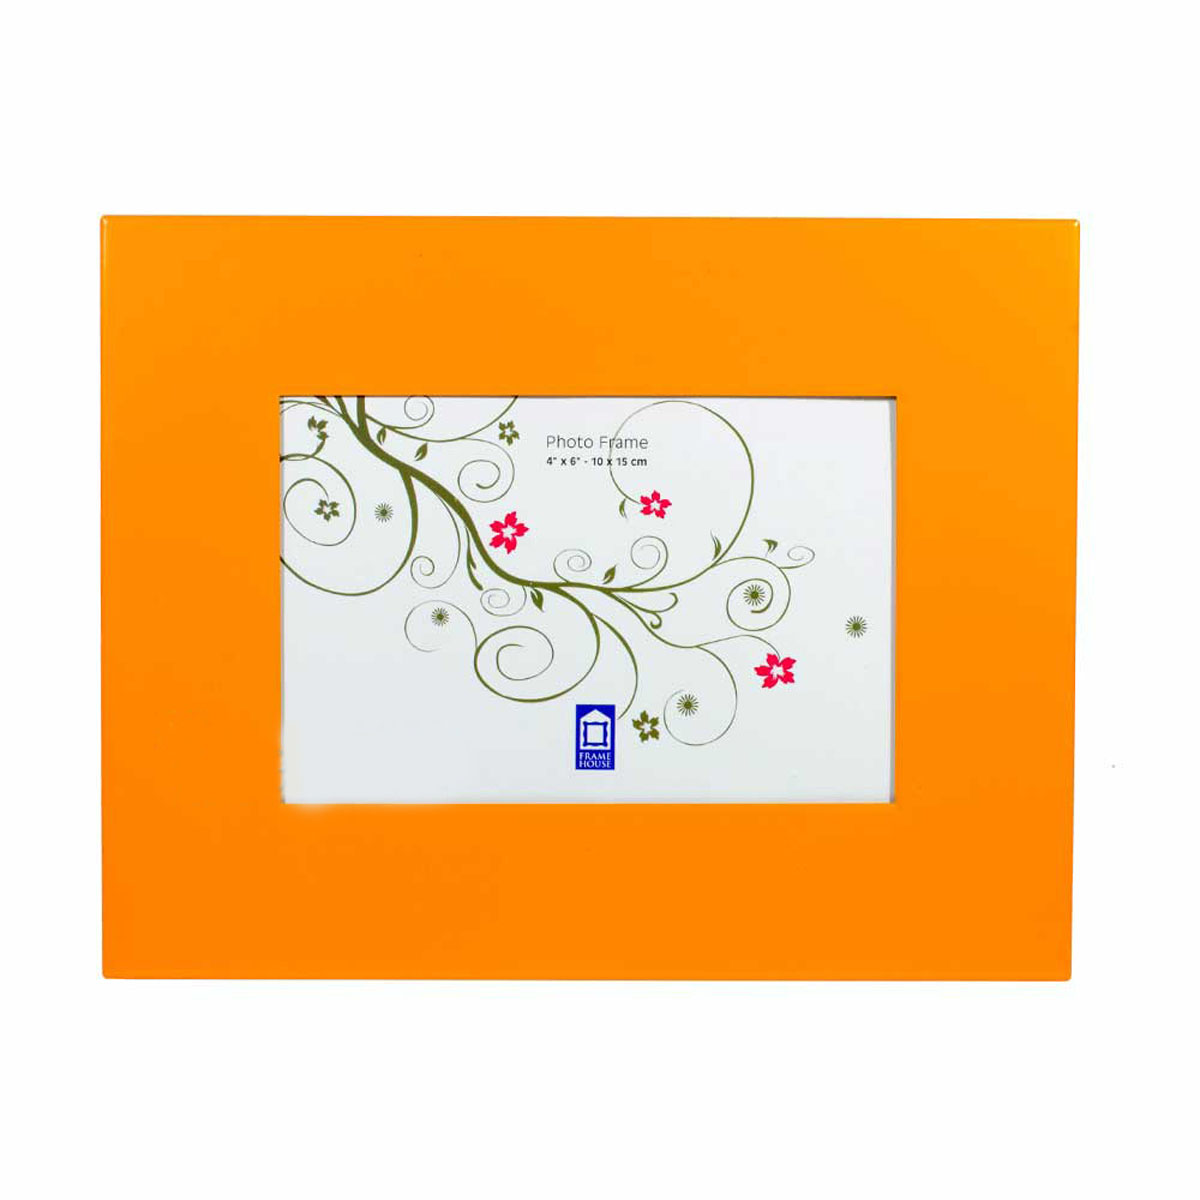 Фоторамка PATA, цвет: оранжевый, 10 x 15 см94772ORФоторамка PATA - прекрасный способ красиво оформить фотографию. Фоторамка выполнена из металла, покрытого краской. Изделие можно поставить на стол с помощью специальной ножки или подвесить на стену, для чего с задней стороны предусмотрены отверстия. Такая фоторамка поможет сохранить на память самые яркие моменты вашей жизни, а стильный дизайн сделает ее прекрасным дополнением интерьера комнаты.